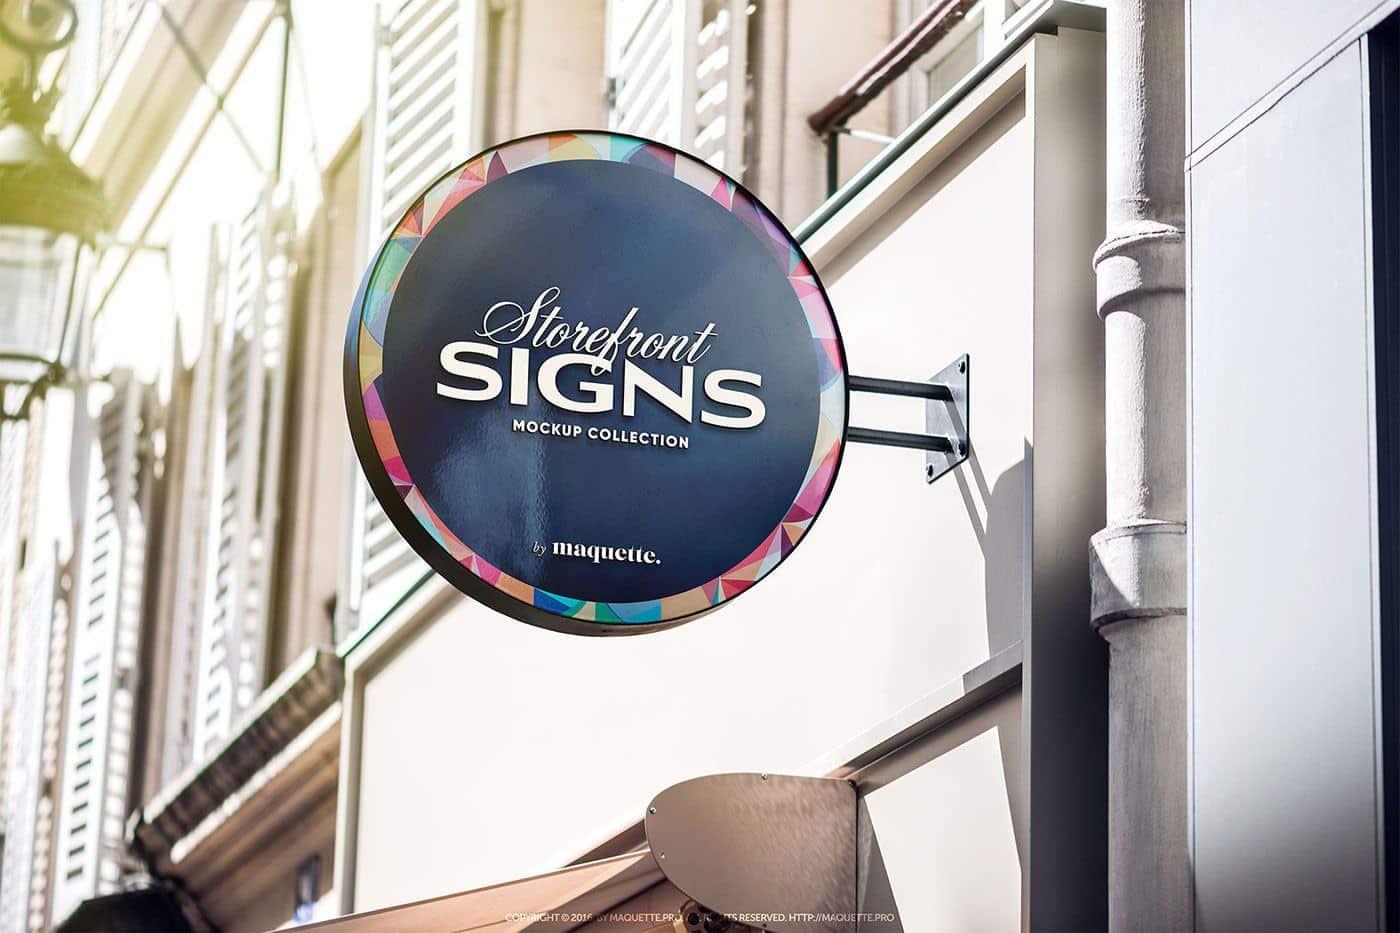 Round Signboard PSD Mockup on Behance | Mô hình sản phẩm, Behance, Mô hình